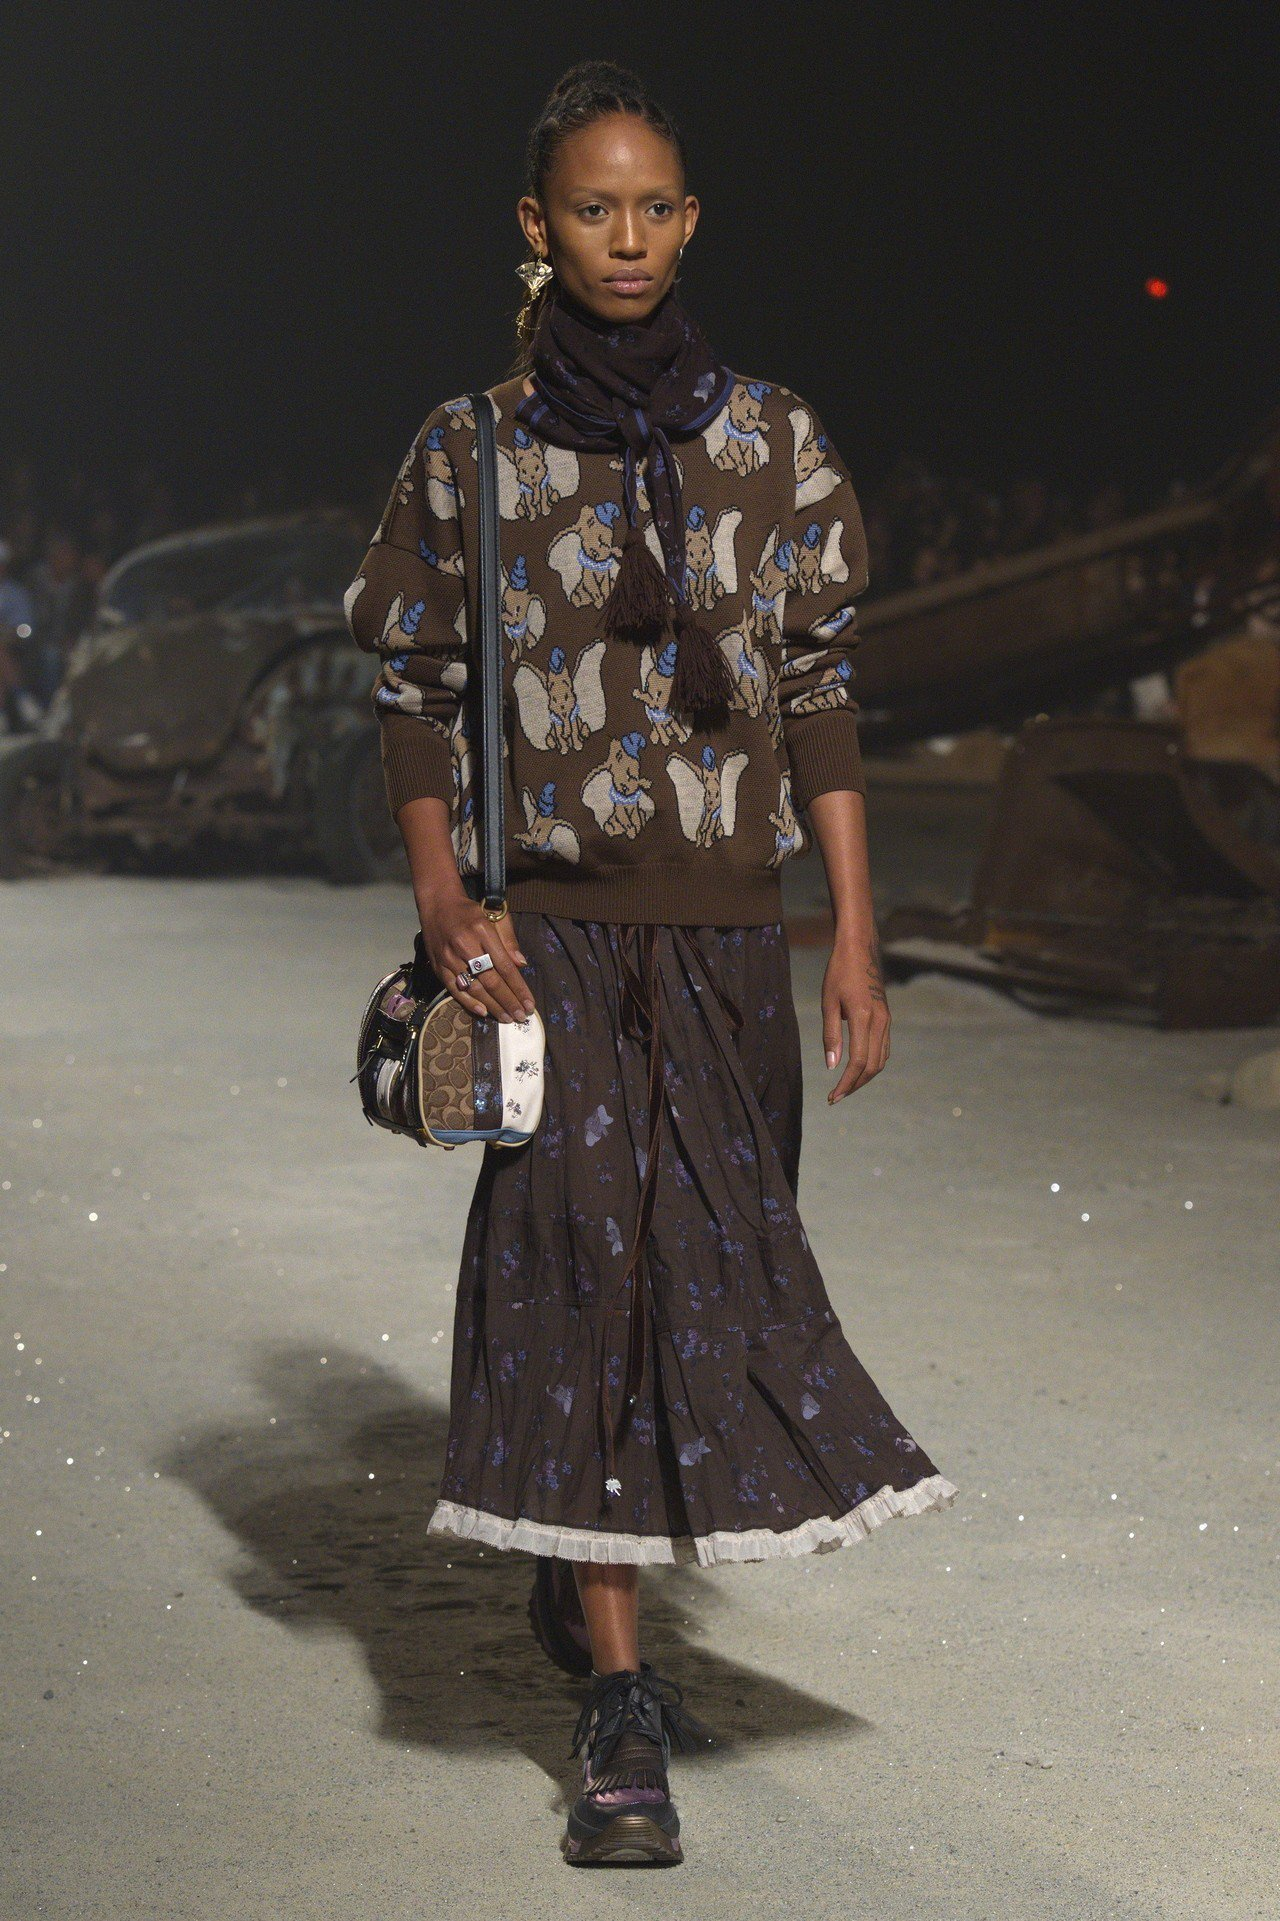 小飛象圖樣的服裝,以及筒狀拼接側背包,都是新樣貌。圖/COACH提供